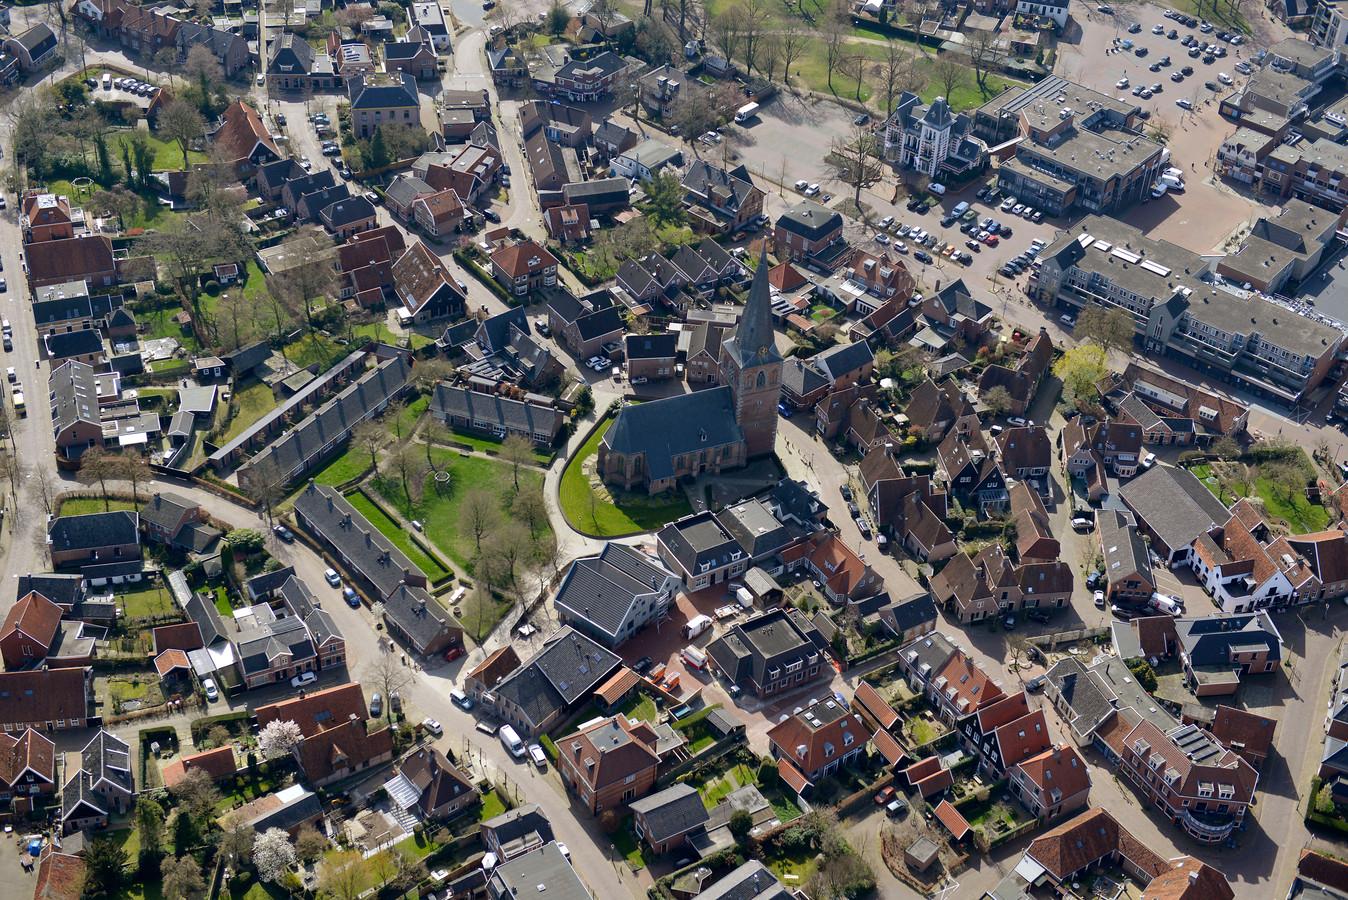 Borne kent veel lokale media. De licentieaanvraag gaat nu naar Borne Boeit.